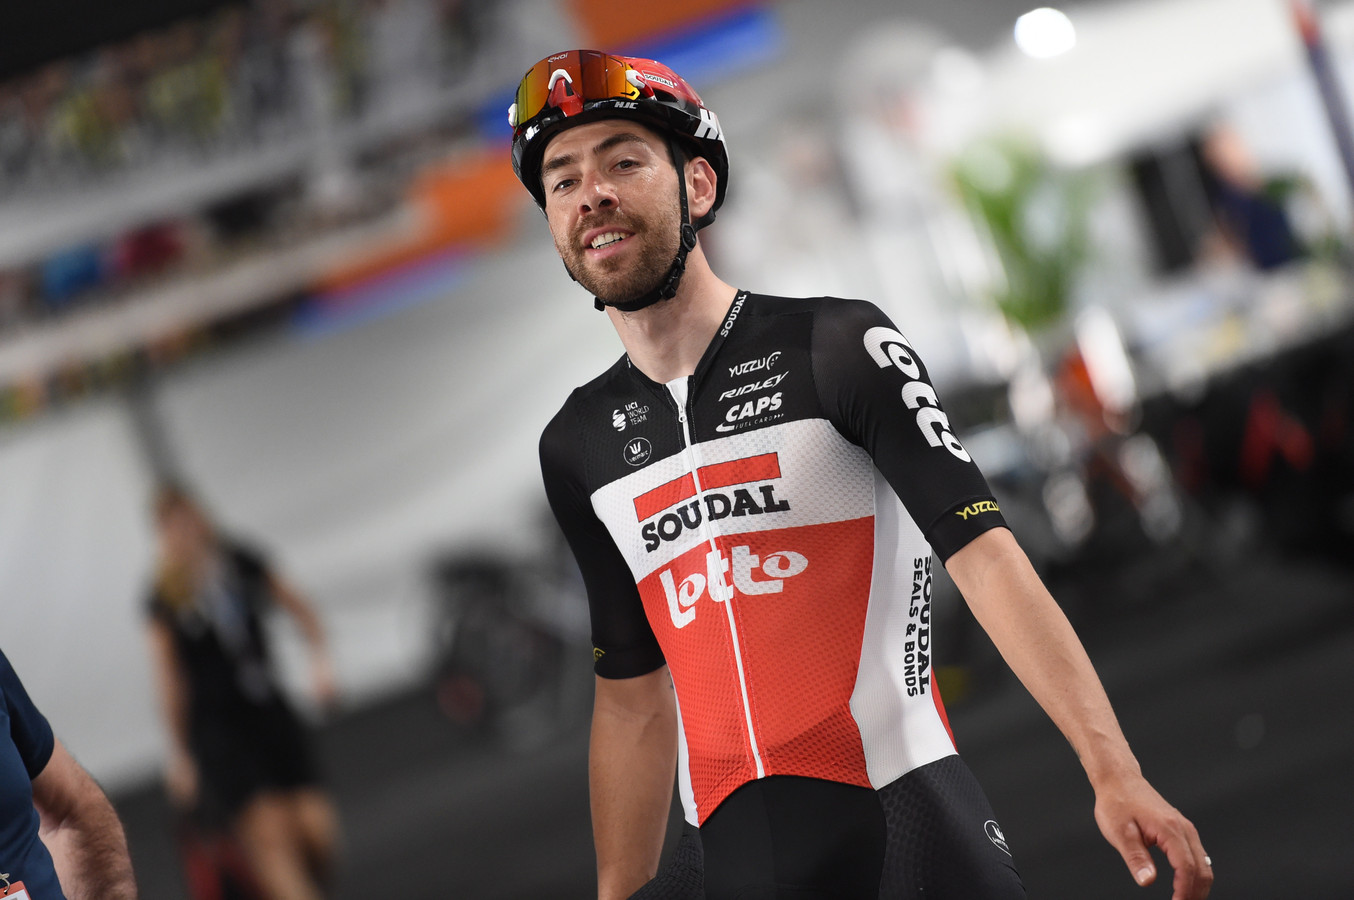 Lotto-Soudal renner Thomas de Gendt